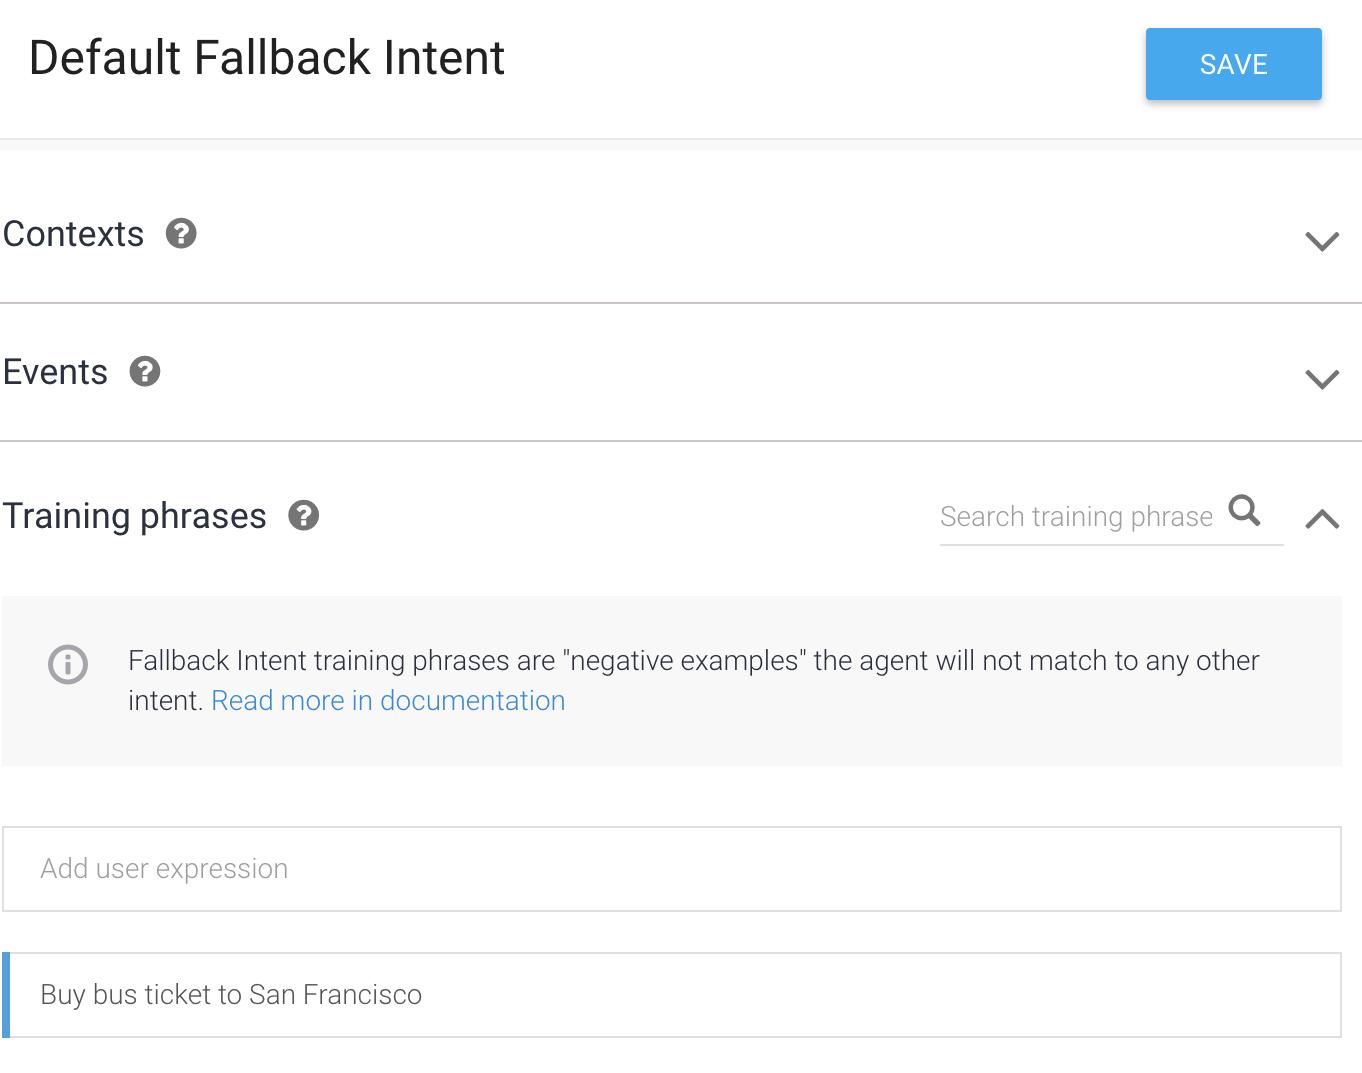 gcp-dialogflow-default-fallback-intent1f9b.PNG